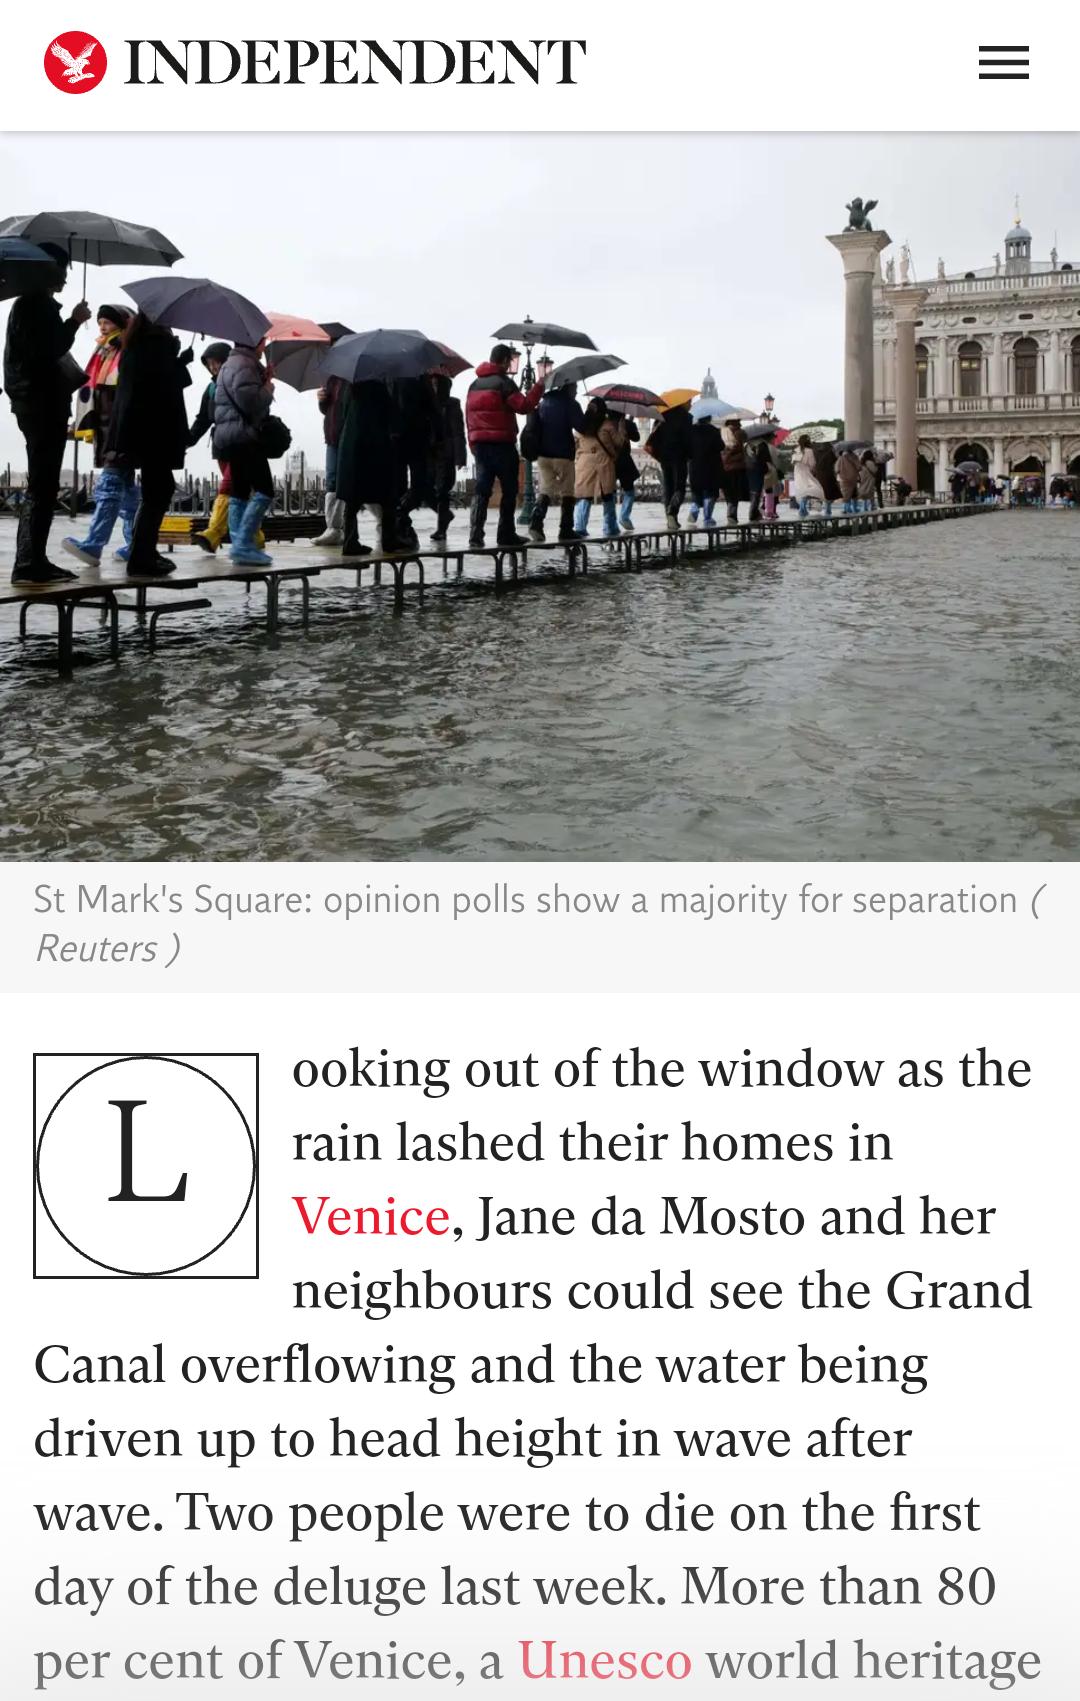 The Independent 22.11.2019: Il Timore Per La Città Di Venezia Va Ben Oltre Le Inondazioni Ancora In Corso